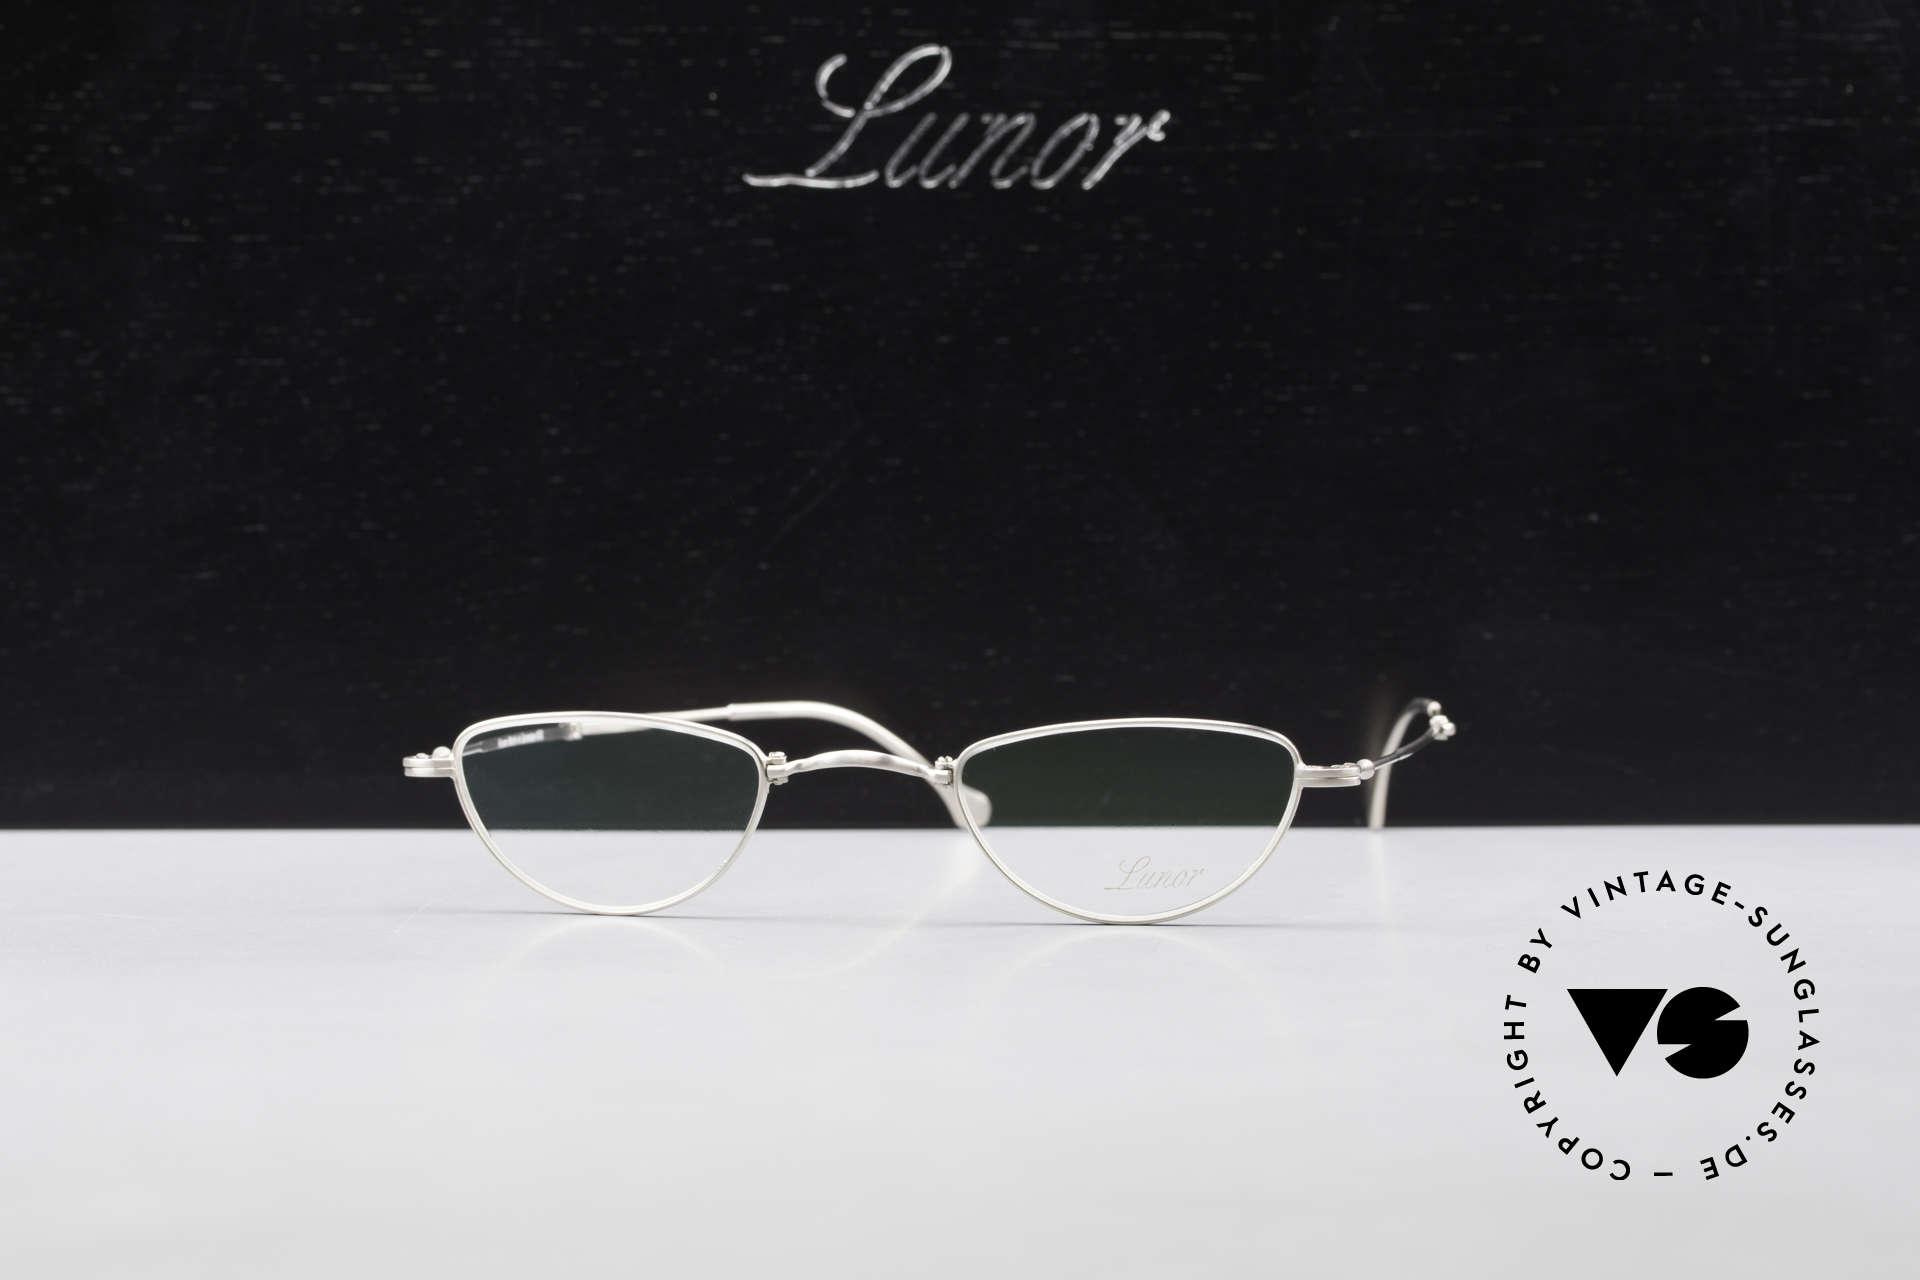 Lunor XXV Folding 06 Faltbare Lesebrille Unisex, Größe: small, Passend für Herren und Damen